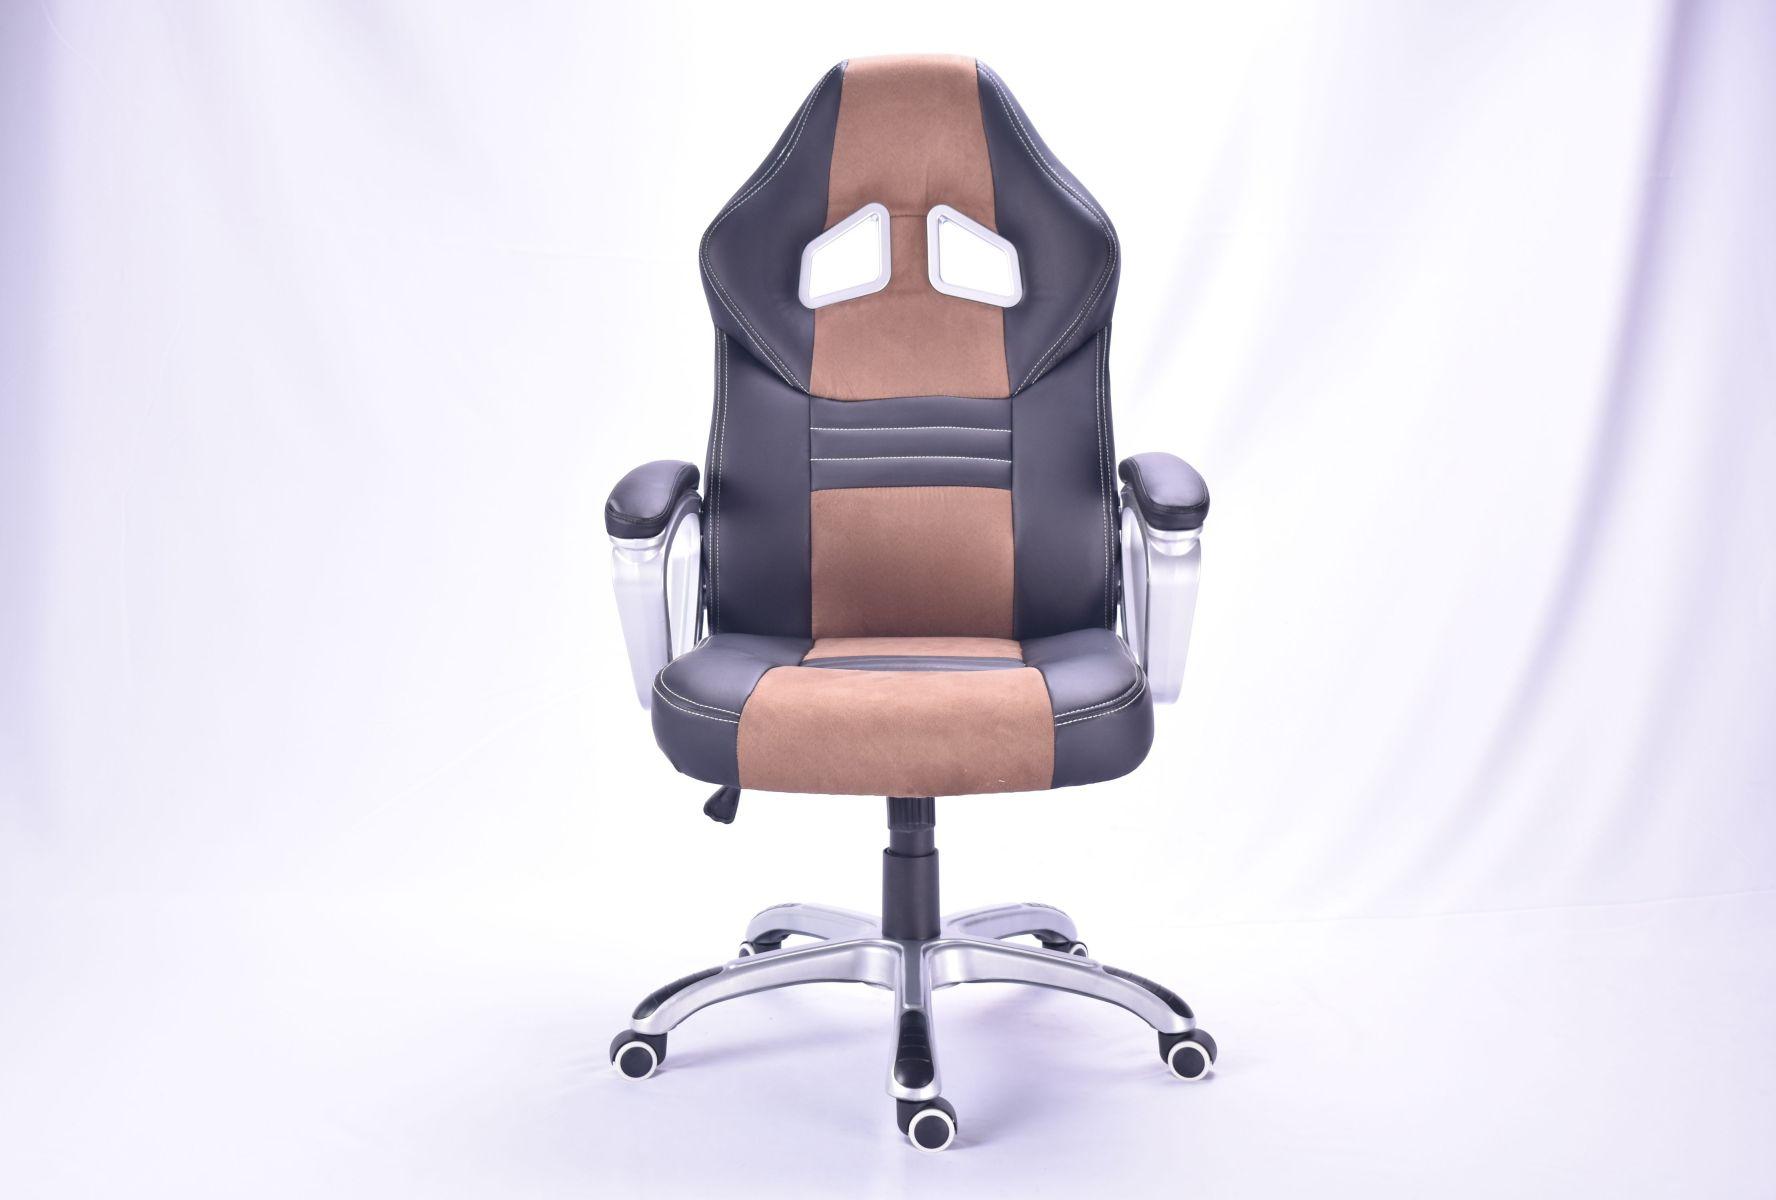 Bezdoteku Kancelárska stolička Alonso čierna s hnedými pruhmi